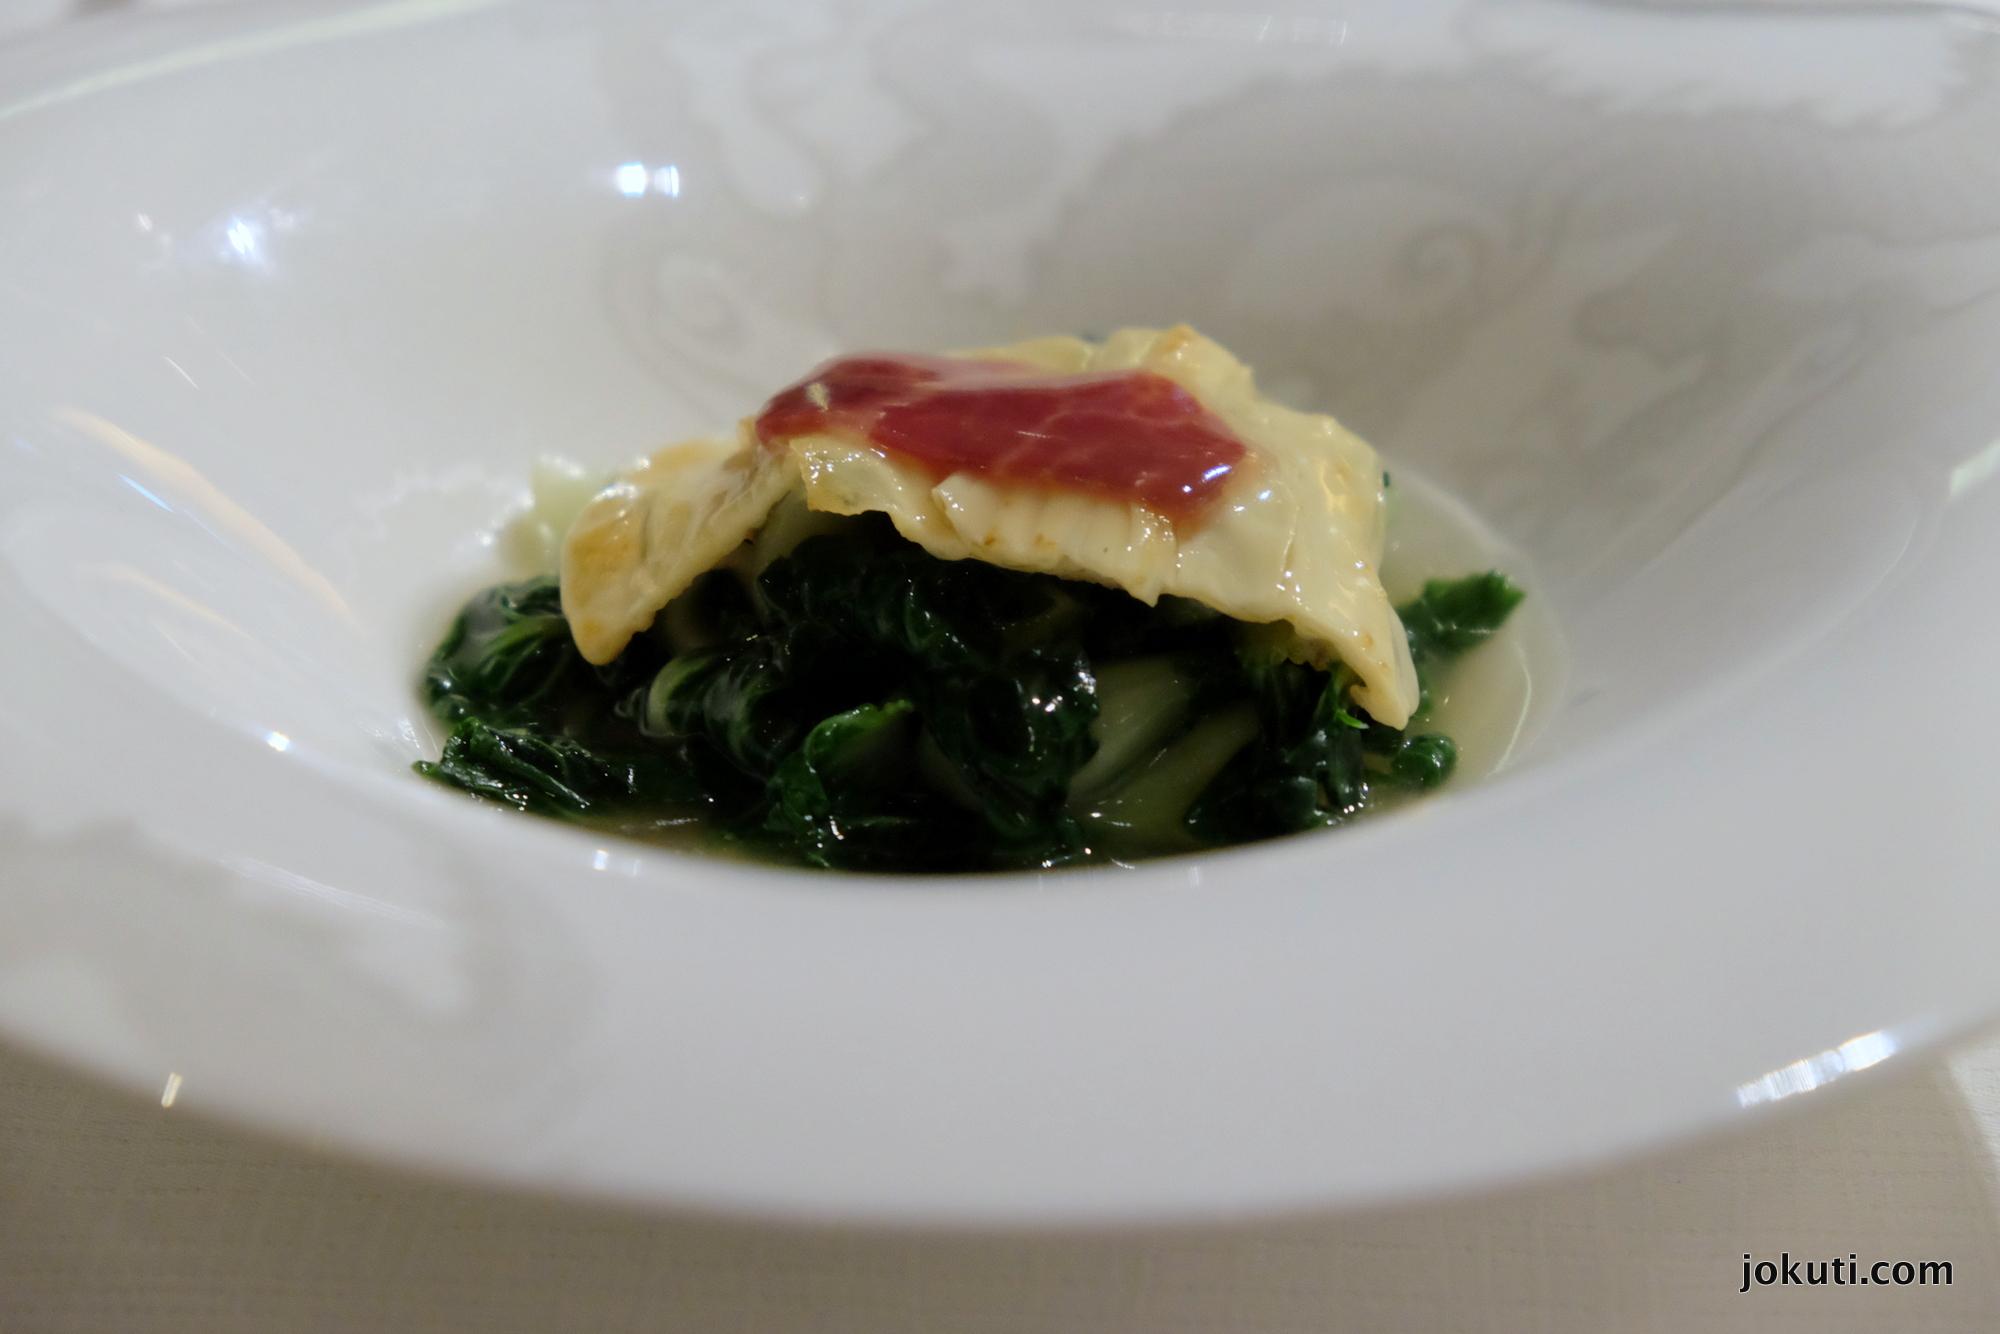 dscf6920_jade_dragon_restaurant_cantonese_chinese_michelin_macau_makao_china_kinai_vilagevo_jokuti.jpg